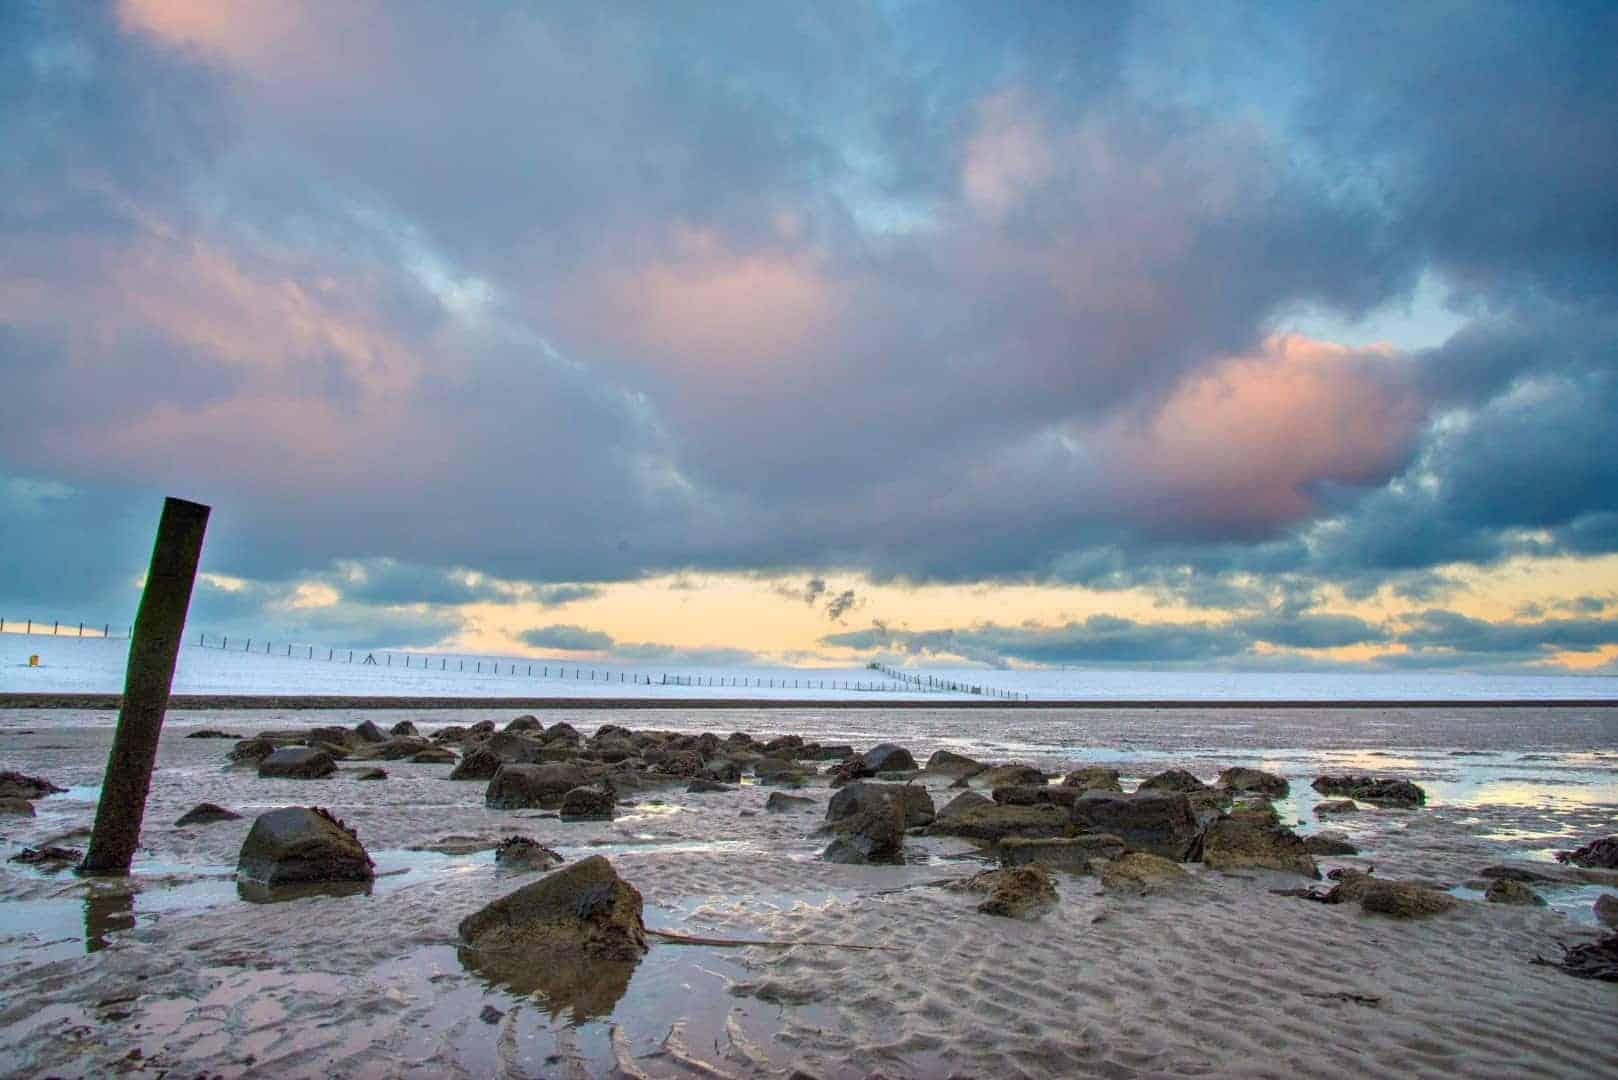 De opkomende zon boven het water van Bierum met op de achtergrond een besneeuwde dijk - workshop winterfotografie